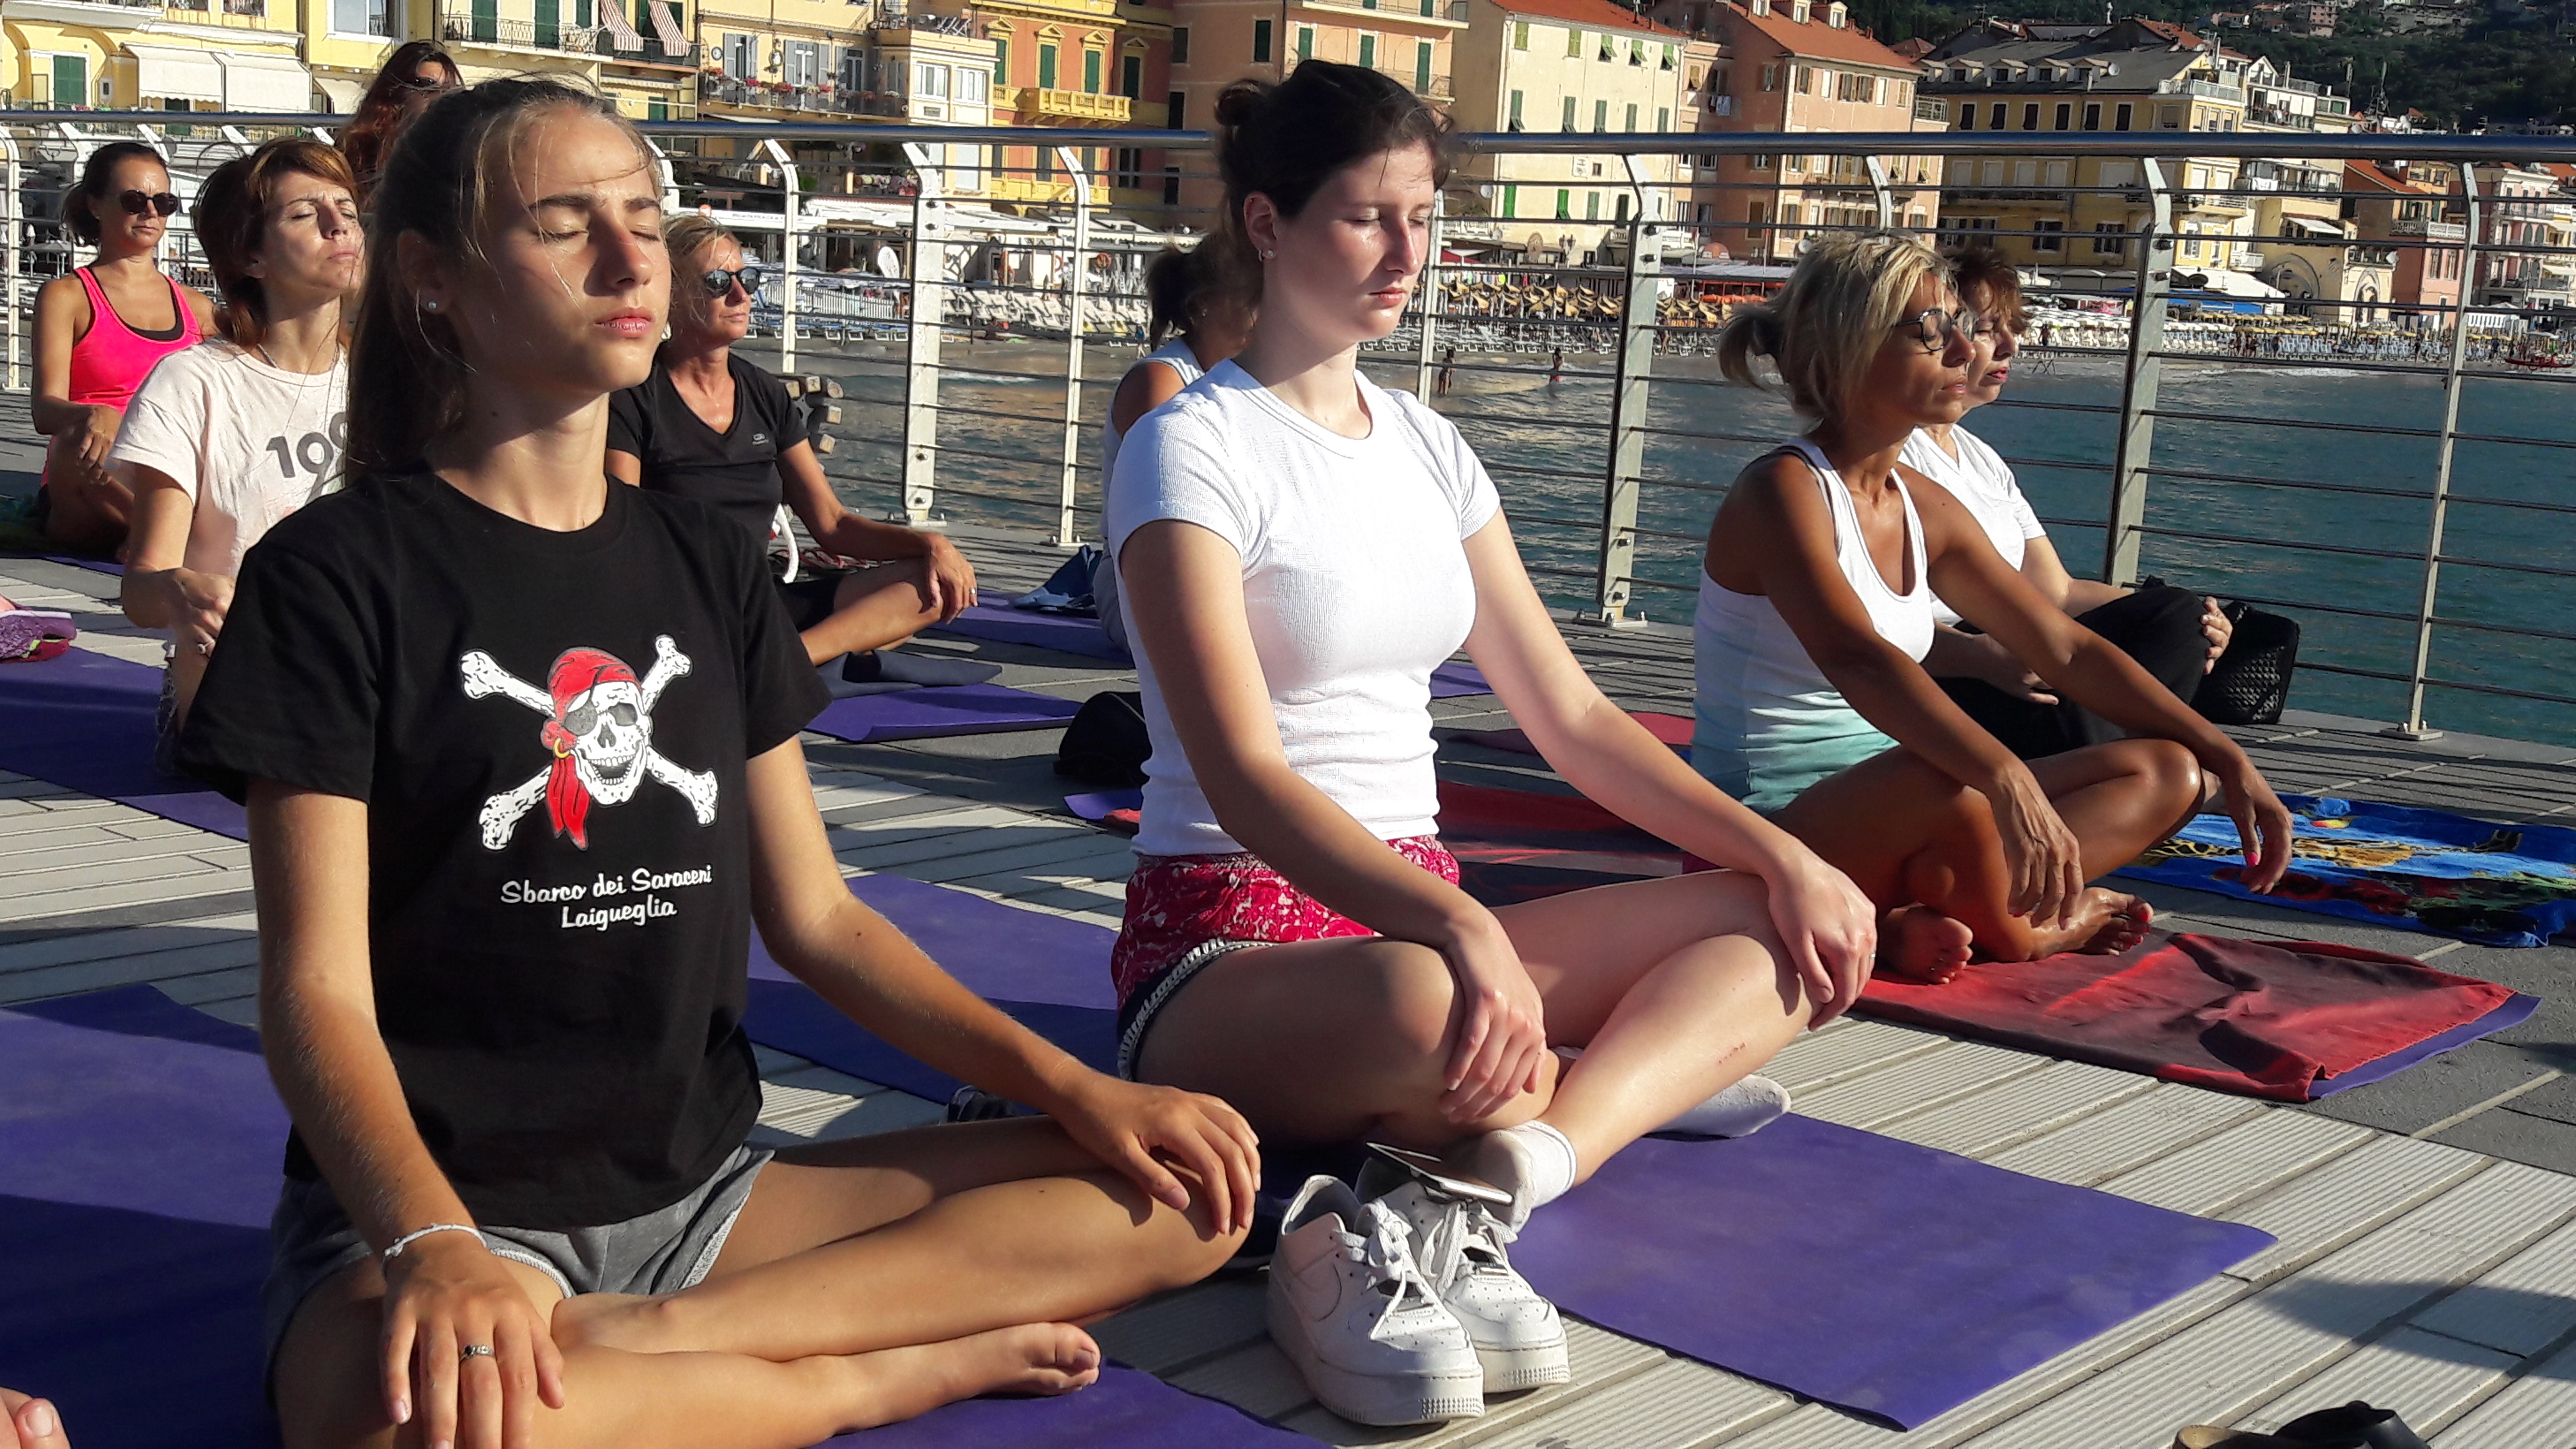 essere-free-yoga-gratuito-benessere-per-tutti-village-citta-alassio-estate-lucia-ragazzi-summer-town-wellness-70